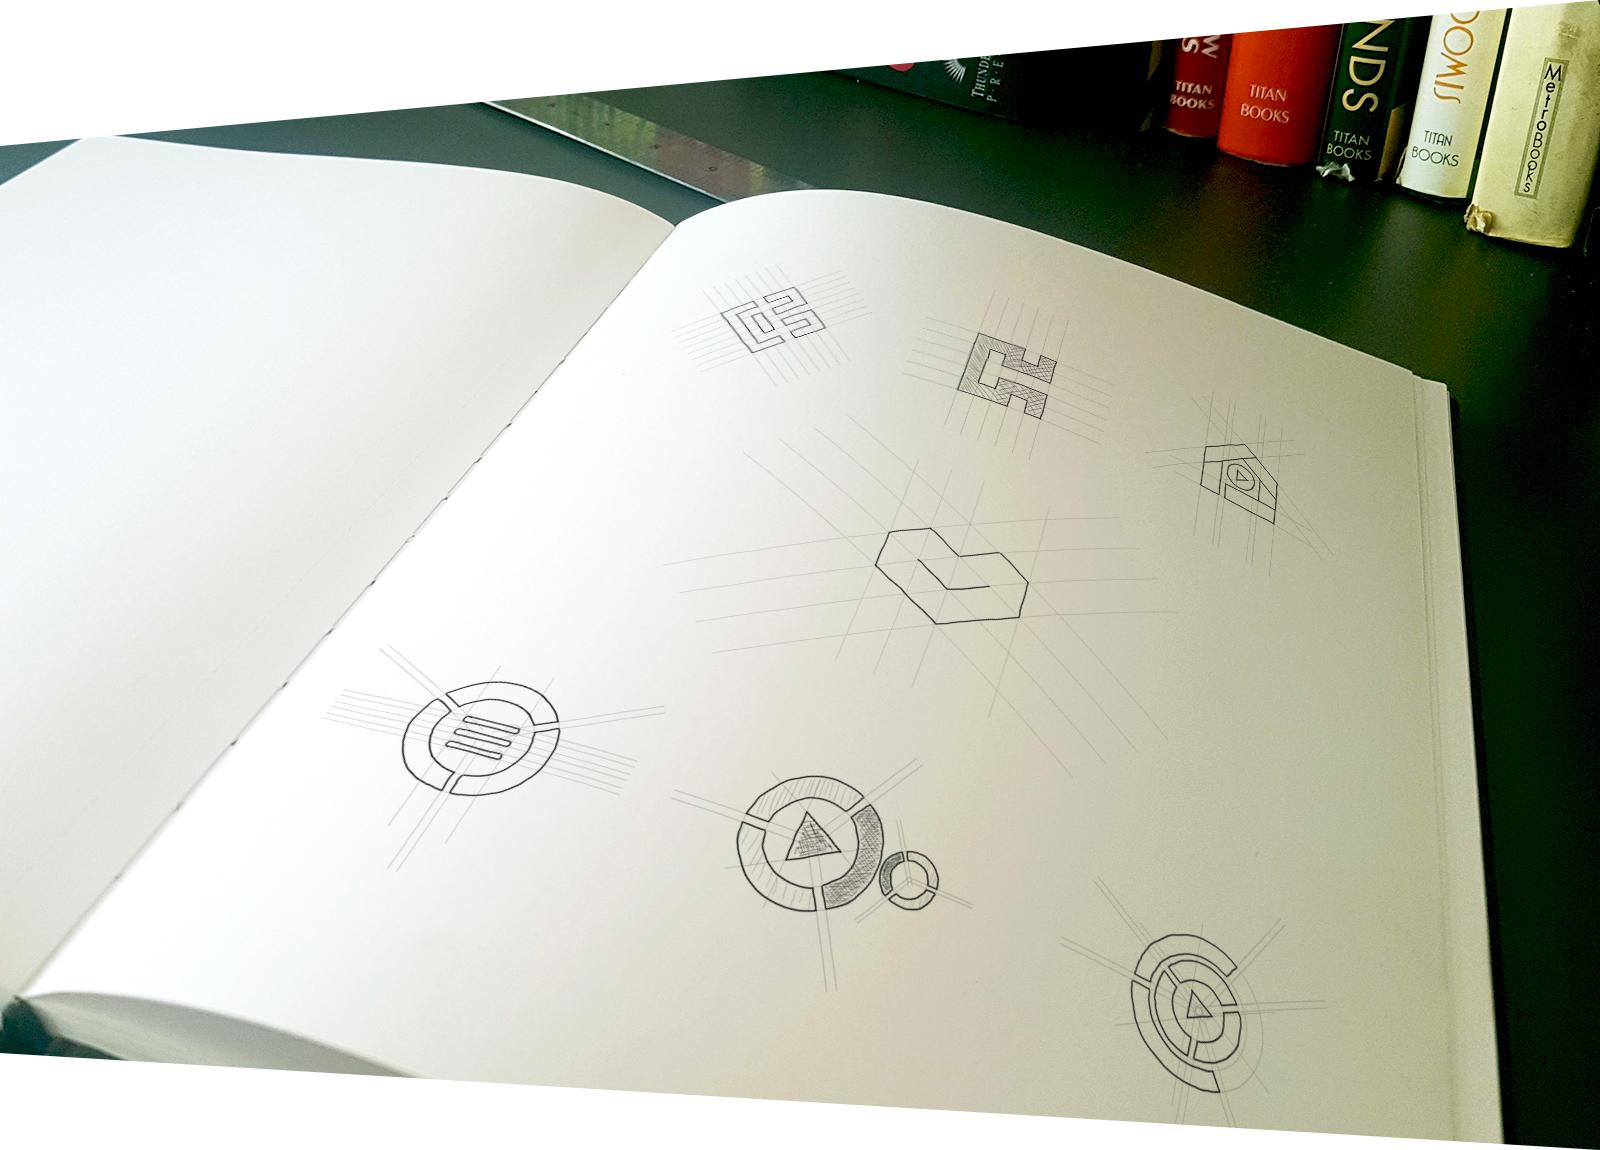 Logo pencil sketches content hub Herzeliya cover סקיצות לוגו חממת התוכן הבינתחומי הרצליה